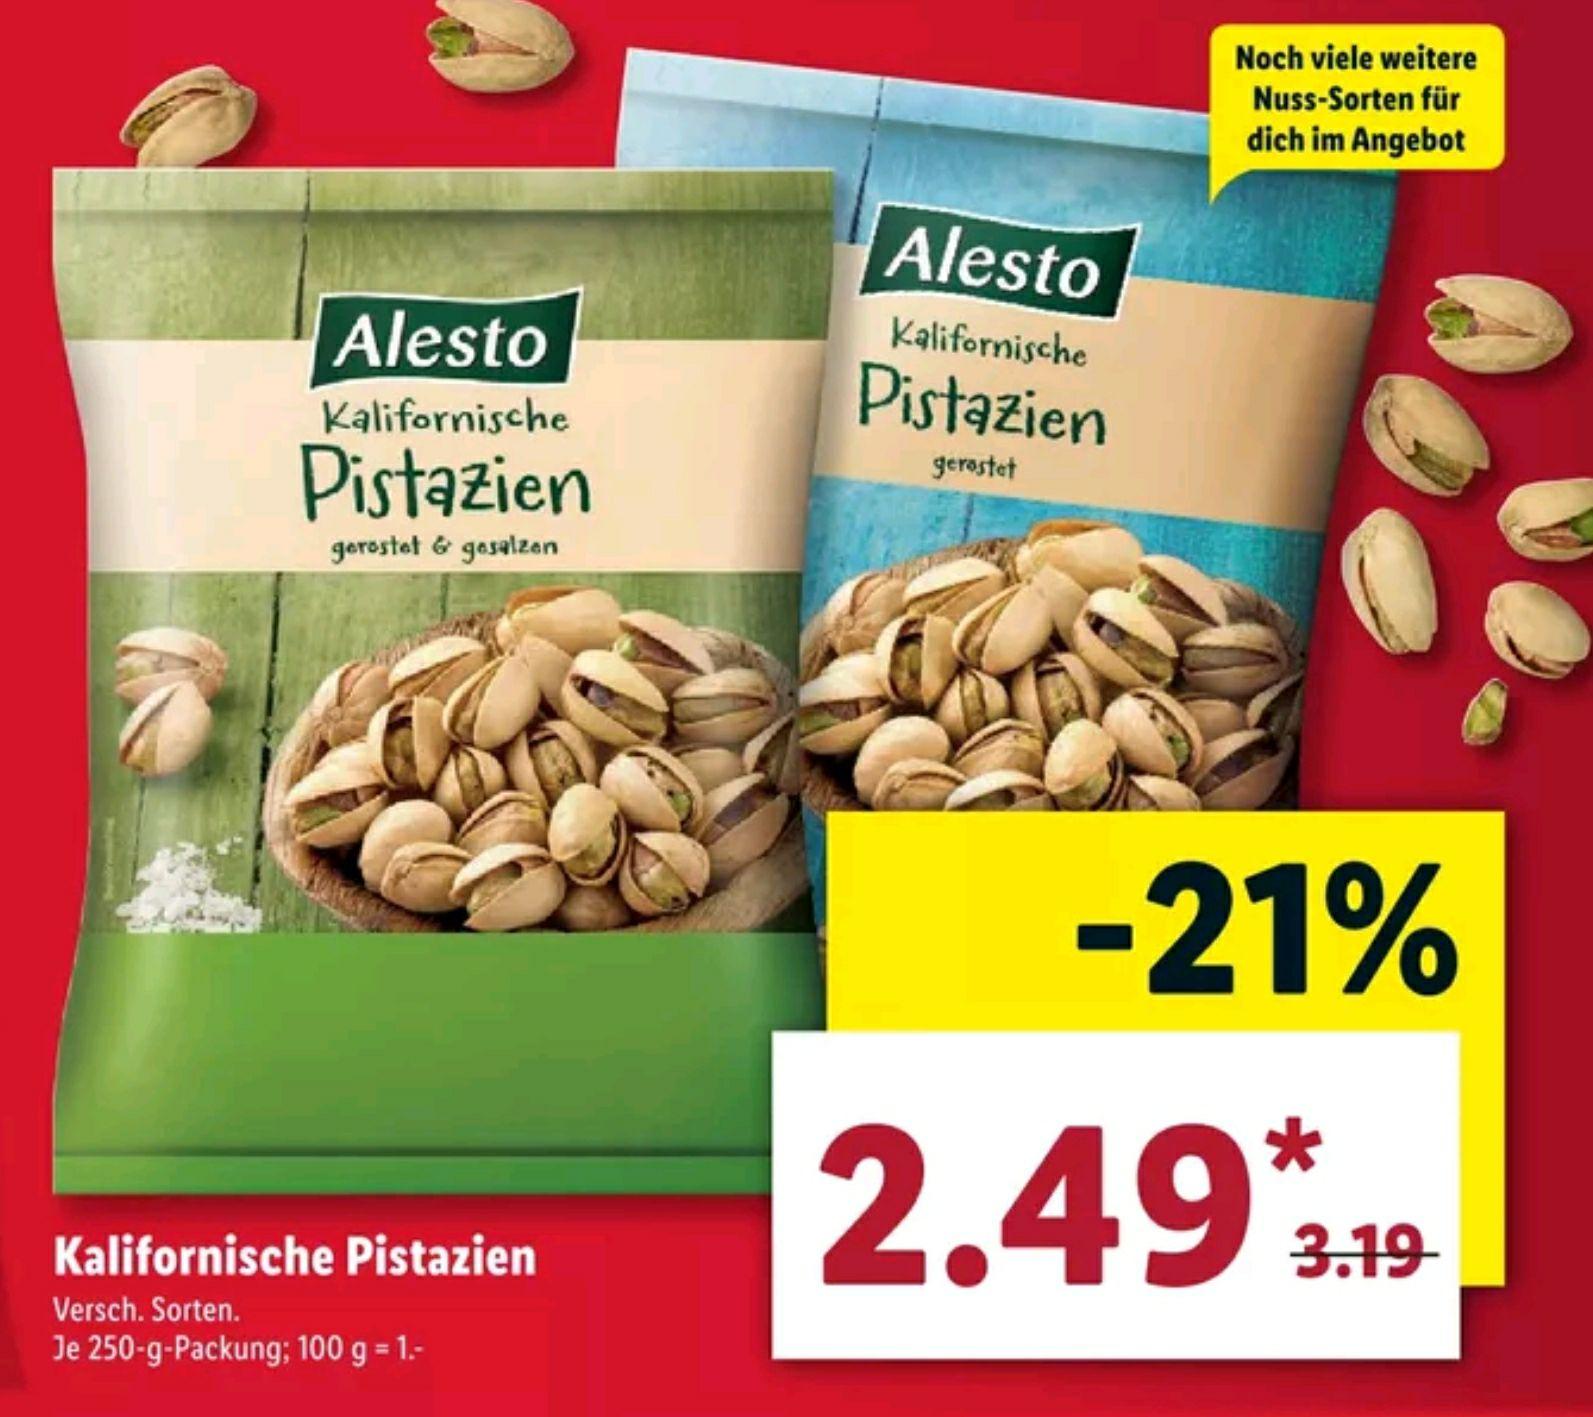 [Lidl] Alesto Kalifornische Pistazien geröstet (& gesalzen) 250g für 2.49€